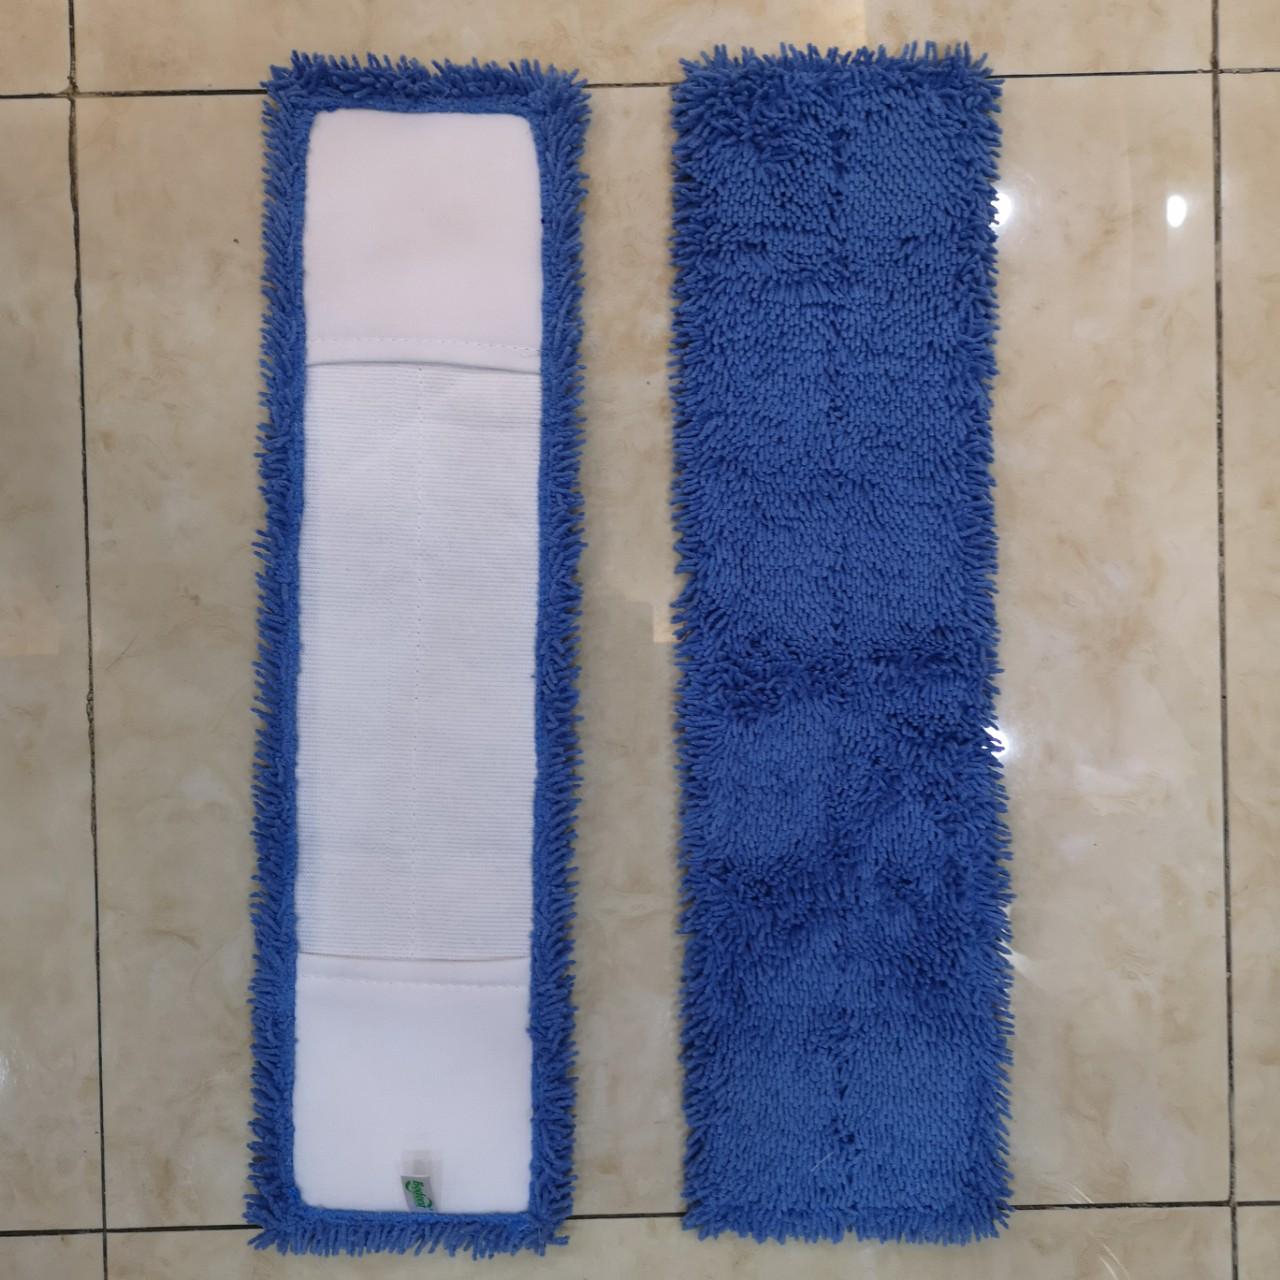 Tấm lau nhà 90cm thay thế siêu sạch